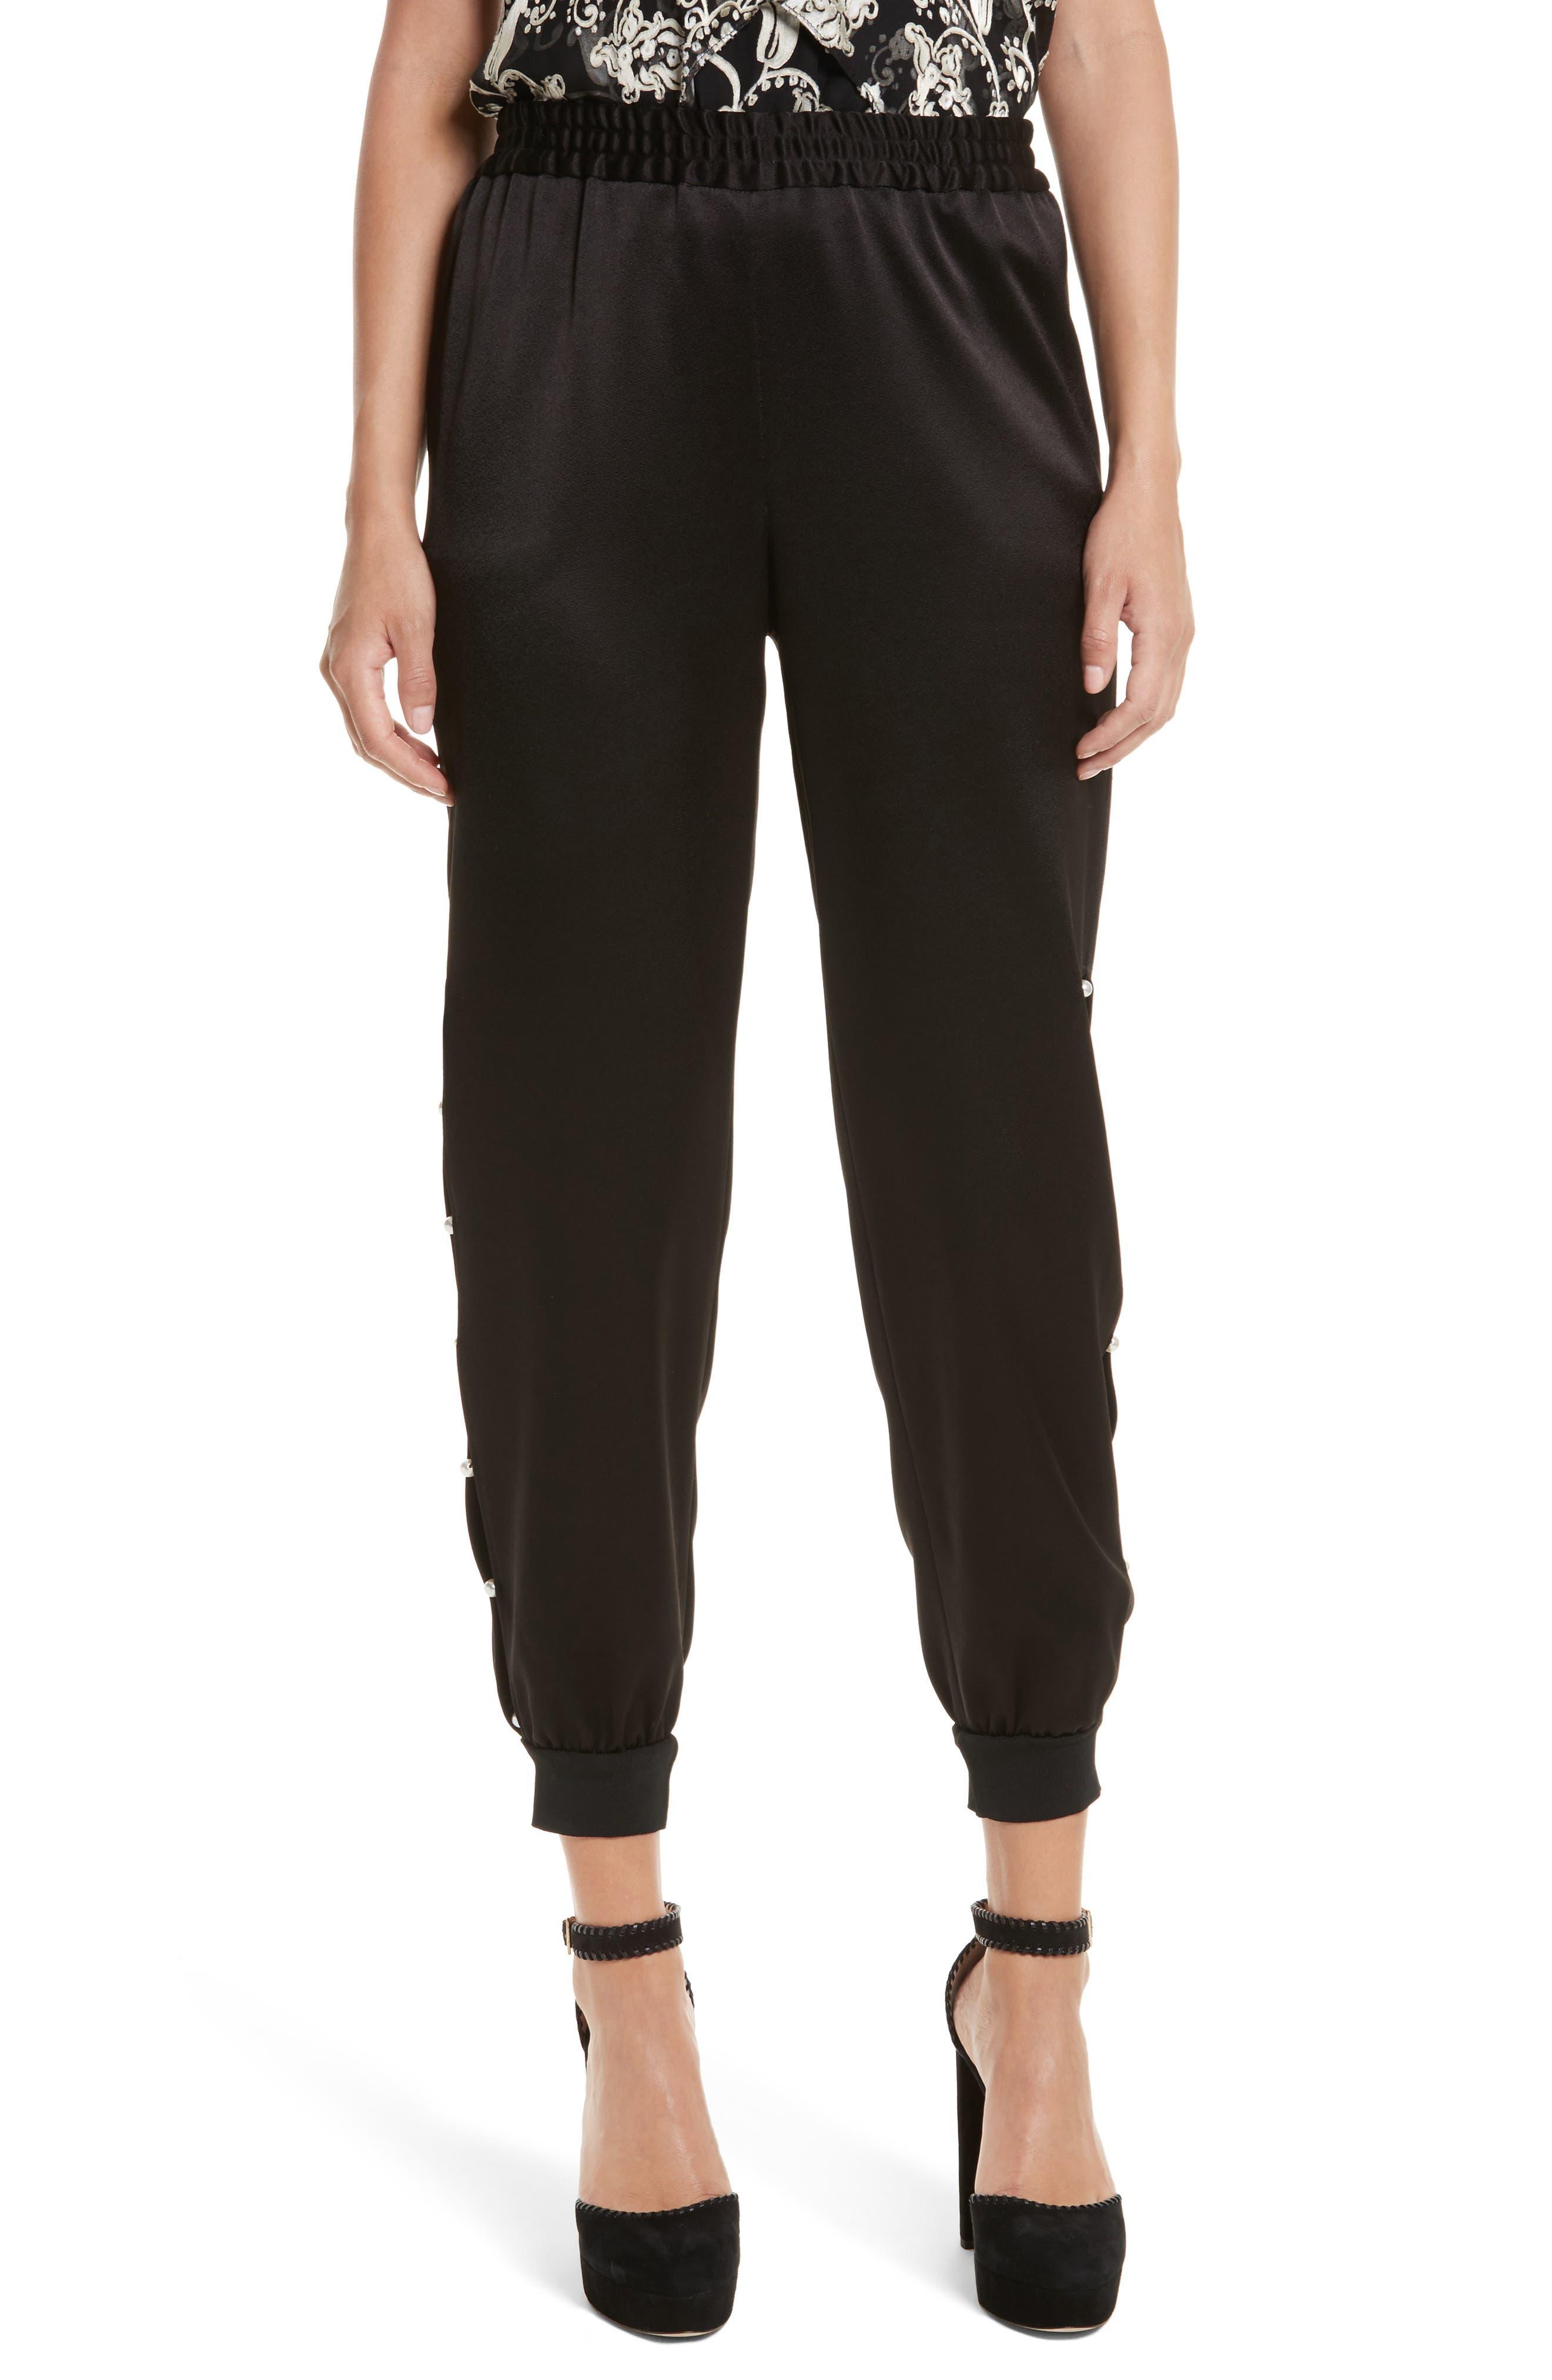 Alternate Image 1 Selected - Alice + Olivia Pete Embellished Side Jogger Pants